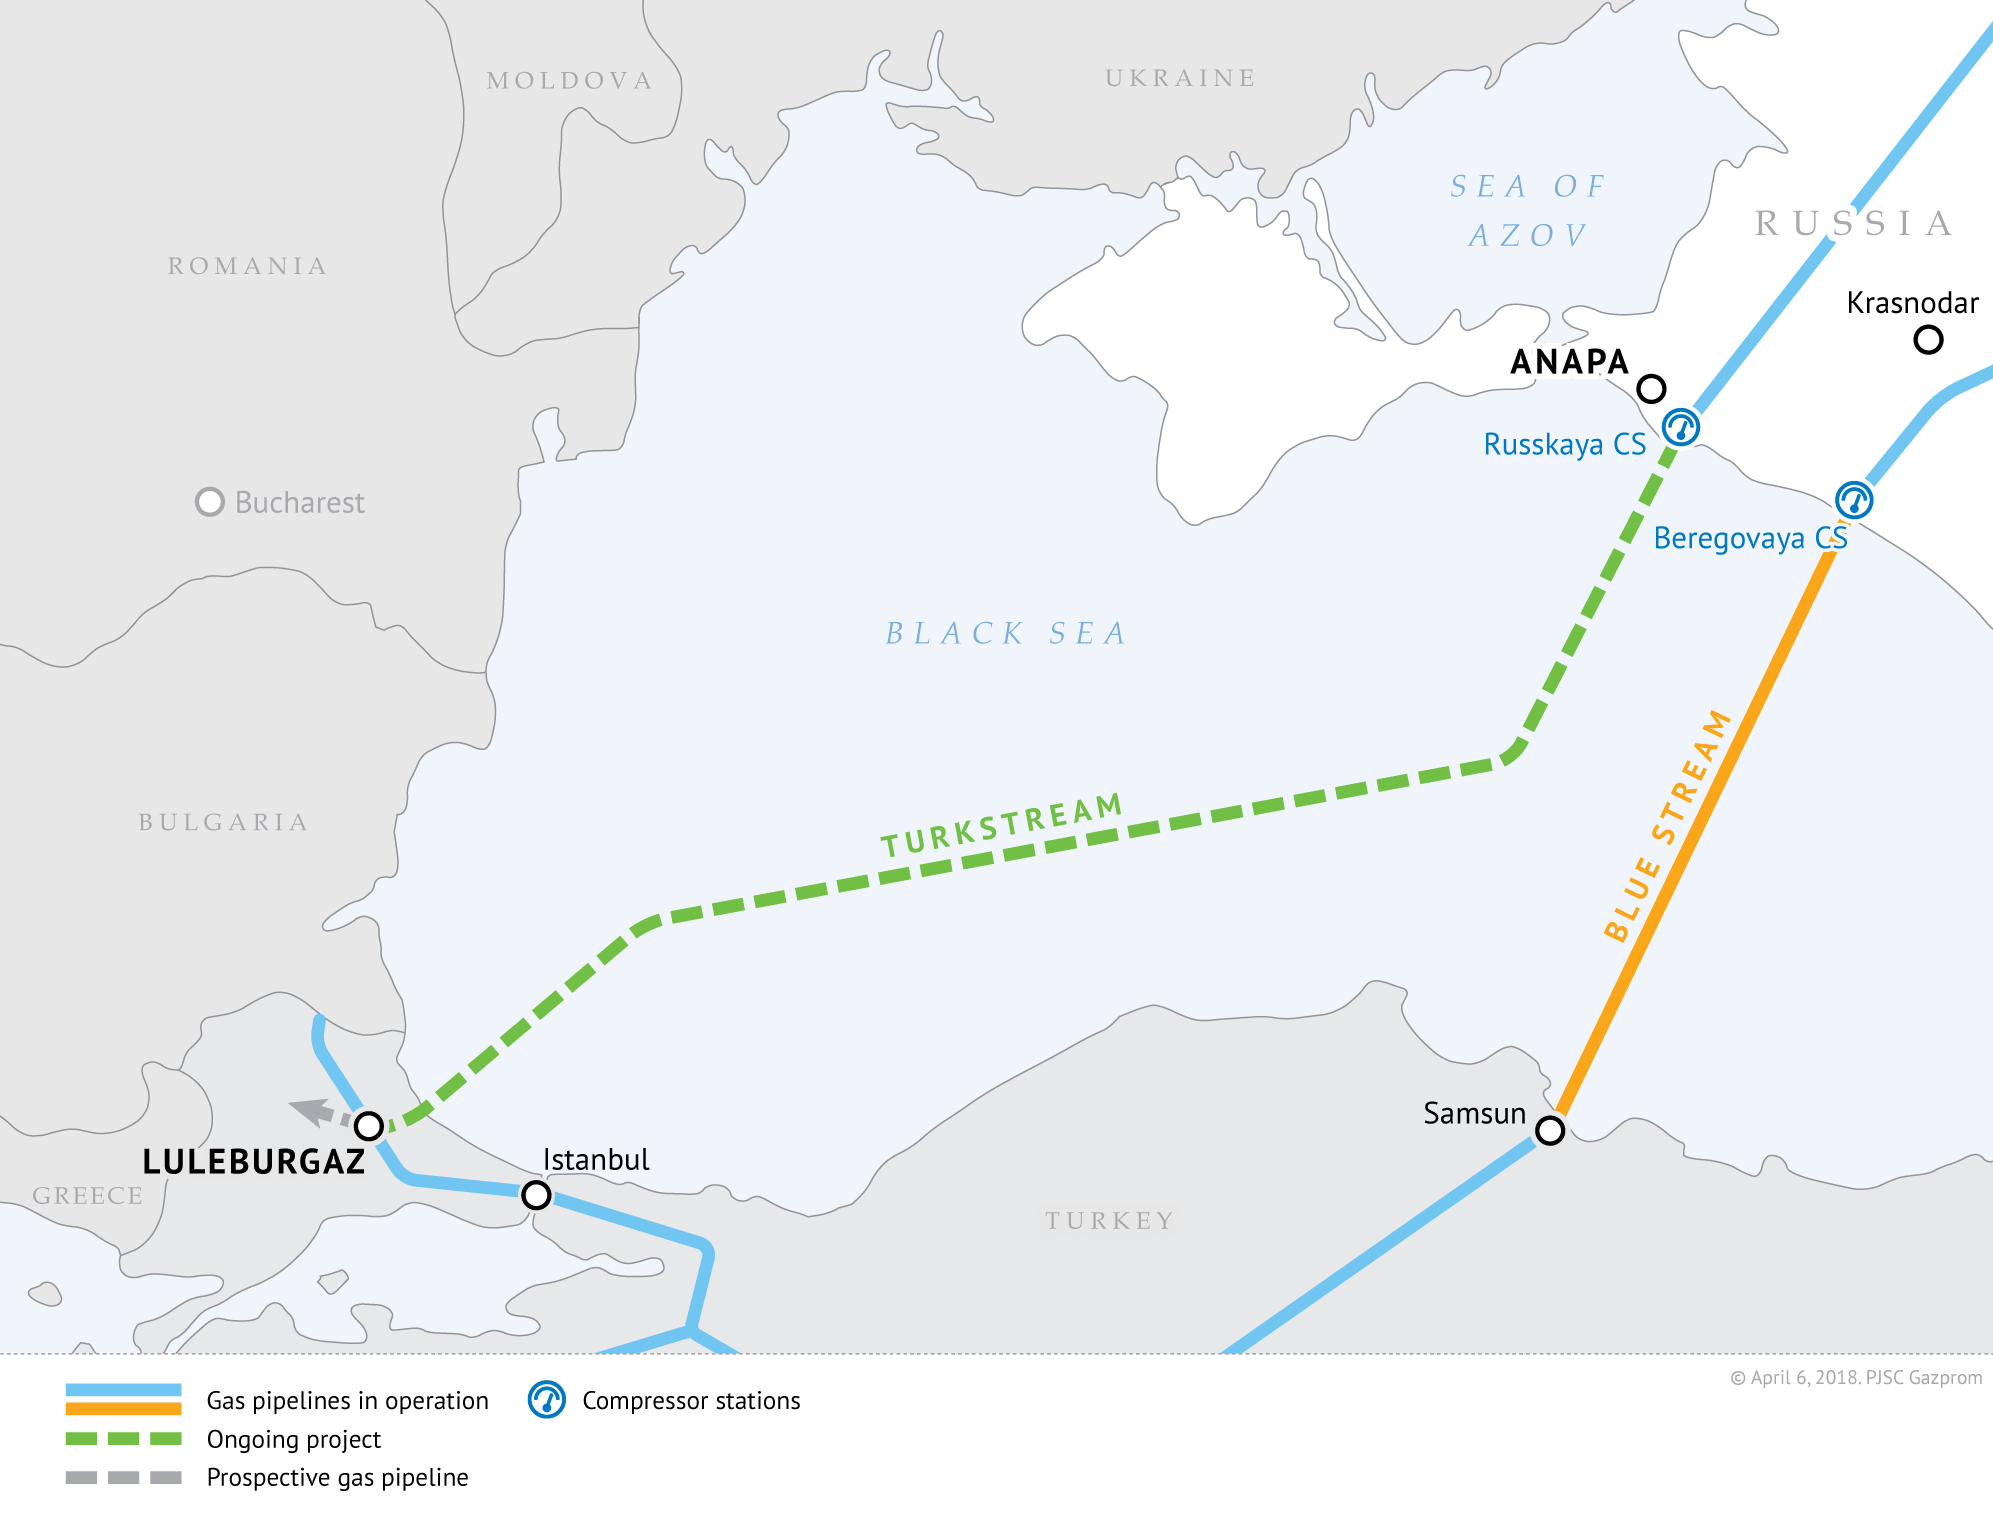 Balkan Stream pipeline construction kicks off